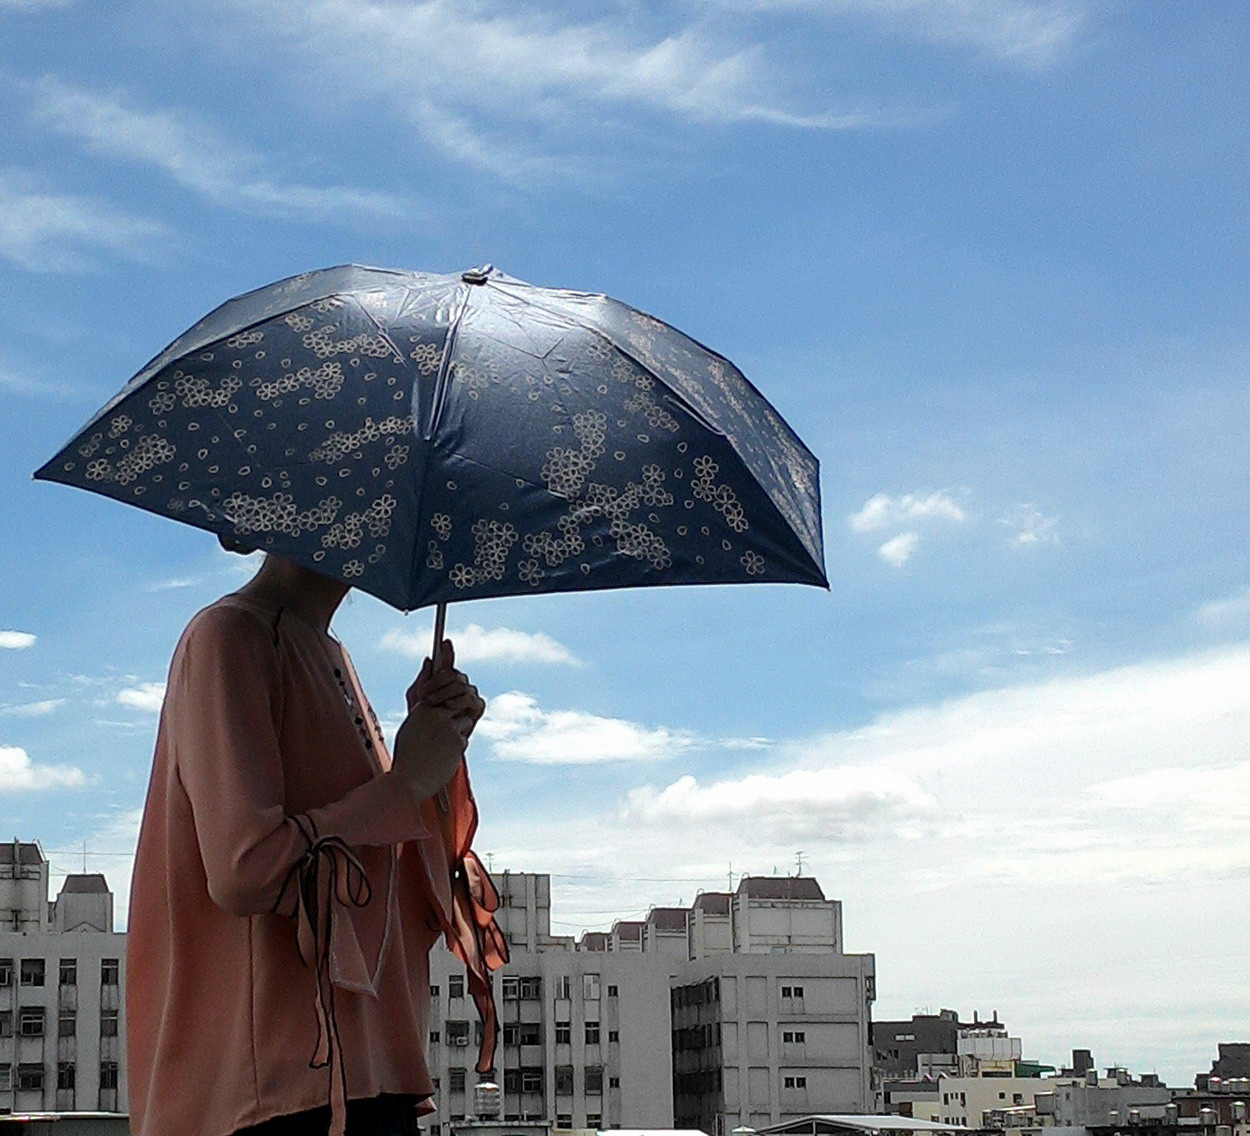 陽傘-太陽下實測_04 萊登.jpg